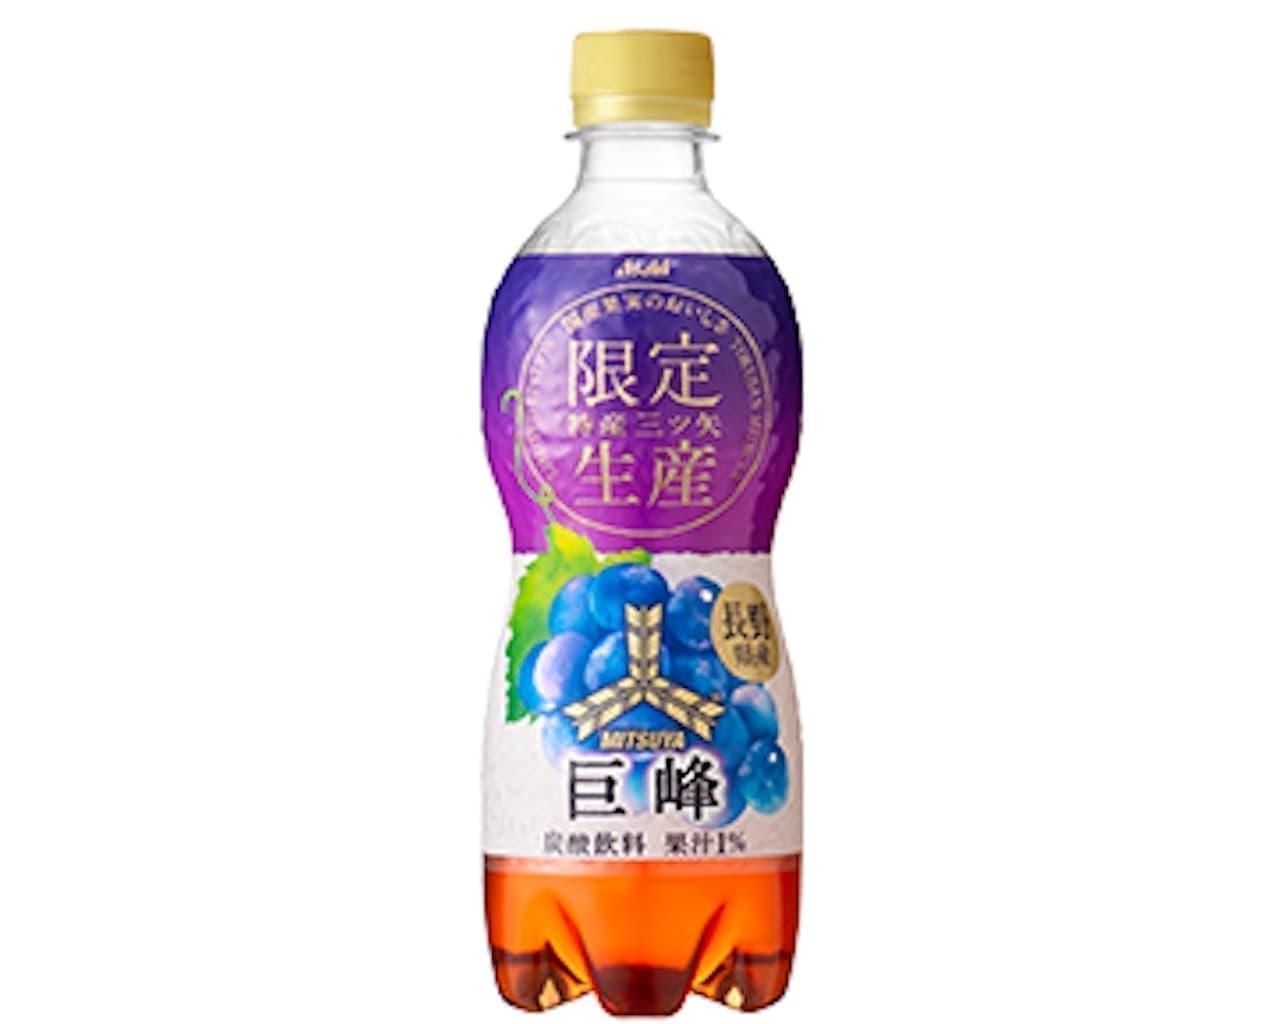 アサヒ飲料「特産『三ツ矢』長野県産巨峰」期間限定で